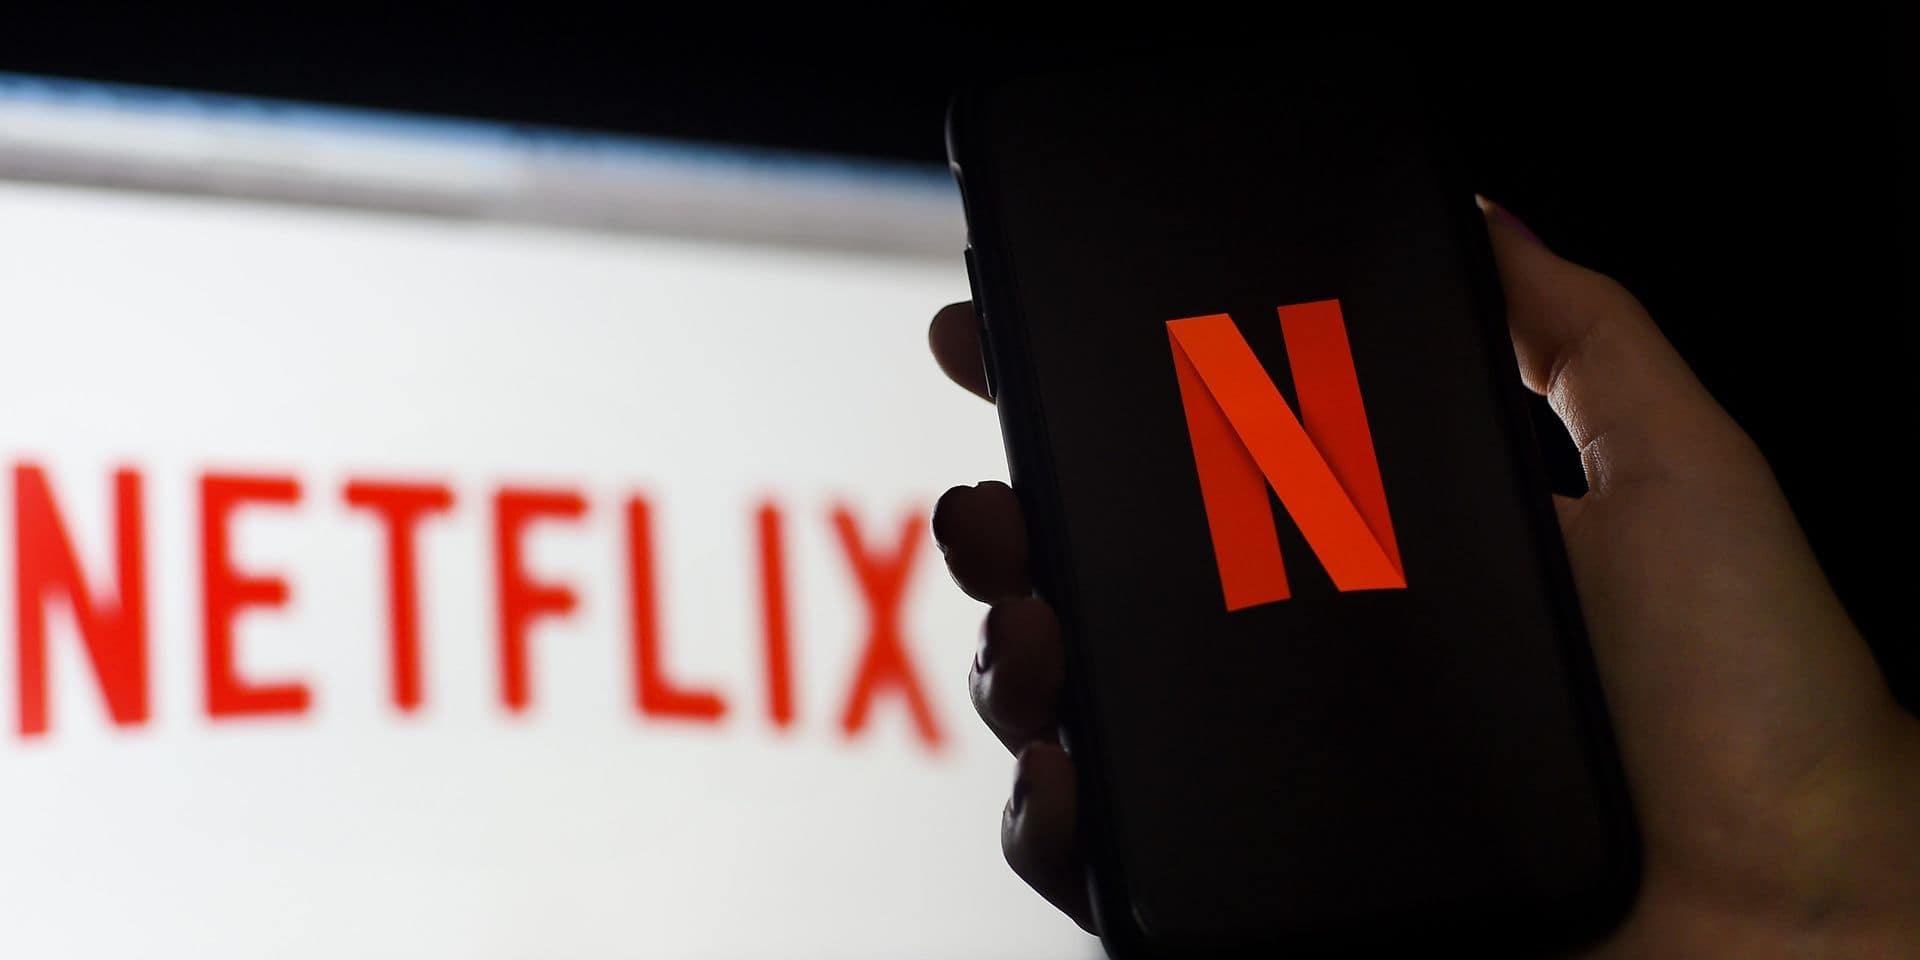 Voici la série la plus regardée en Belgique cette année sur Netflix